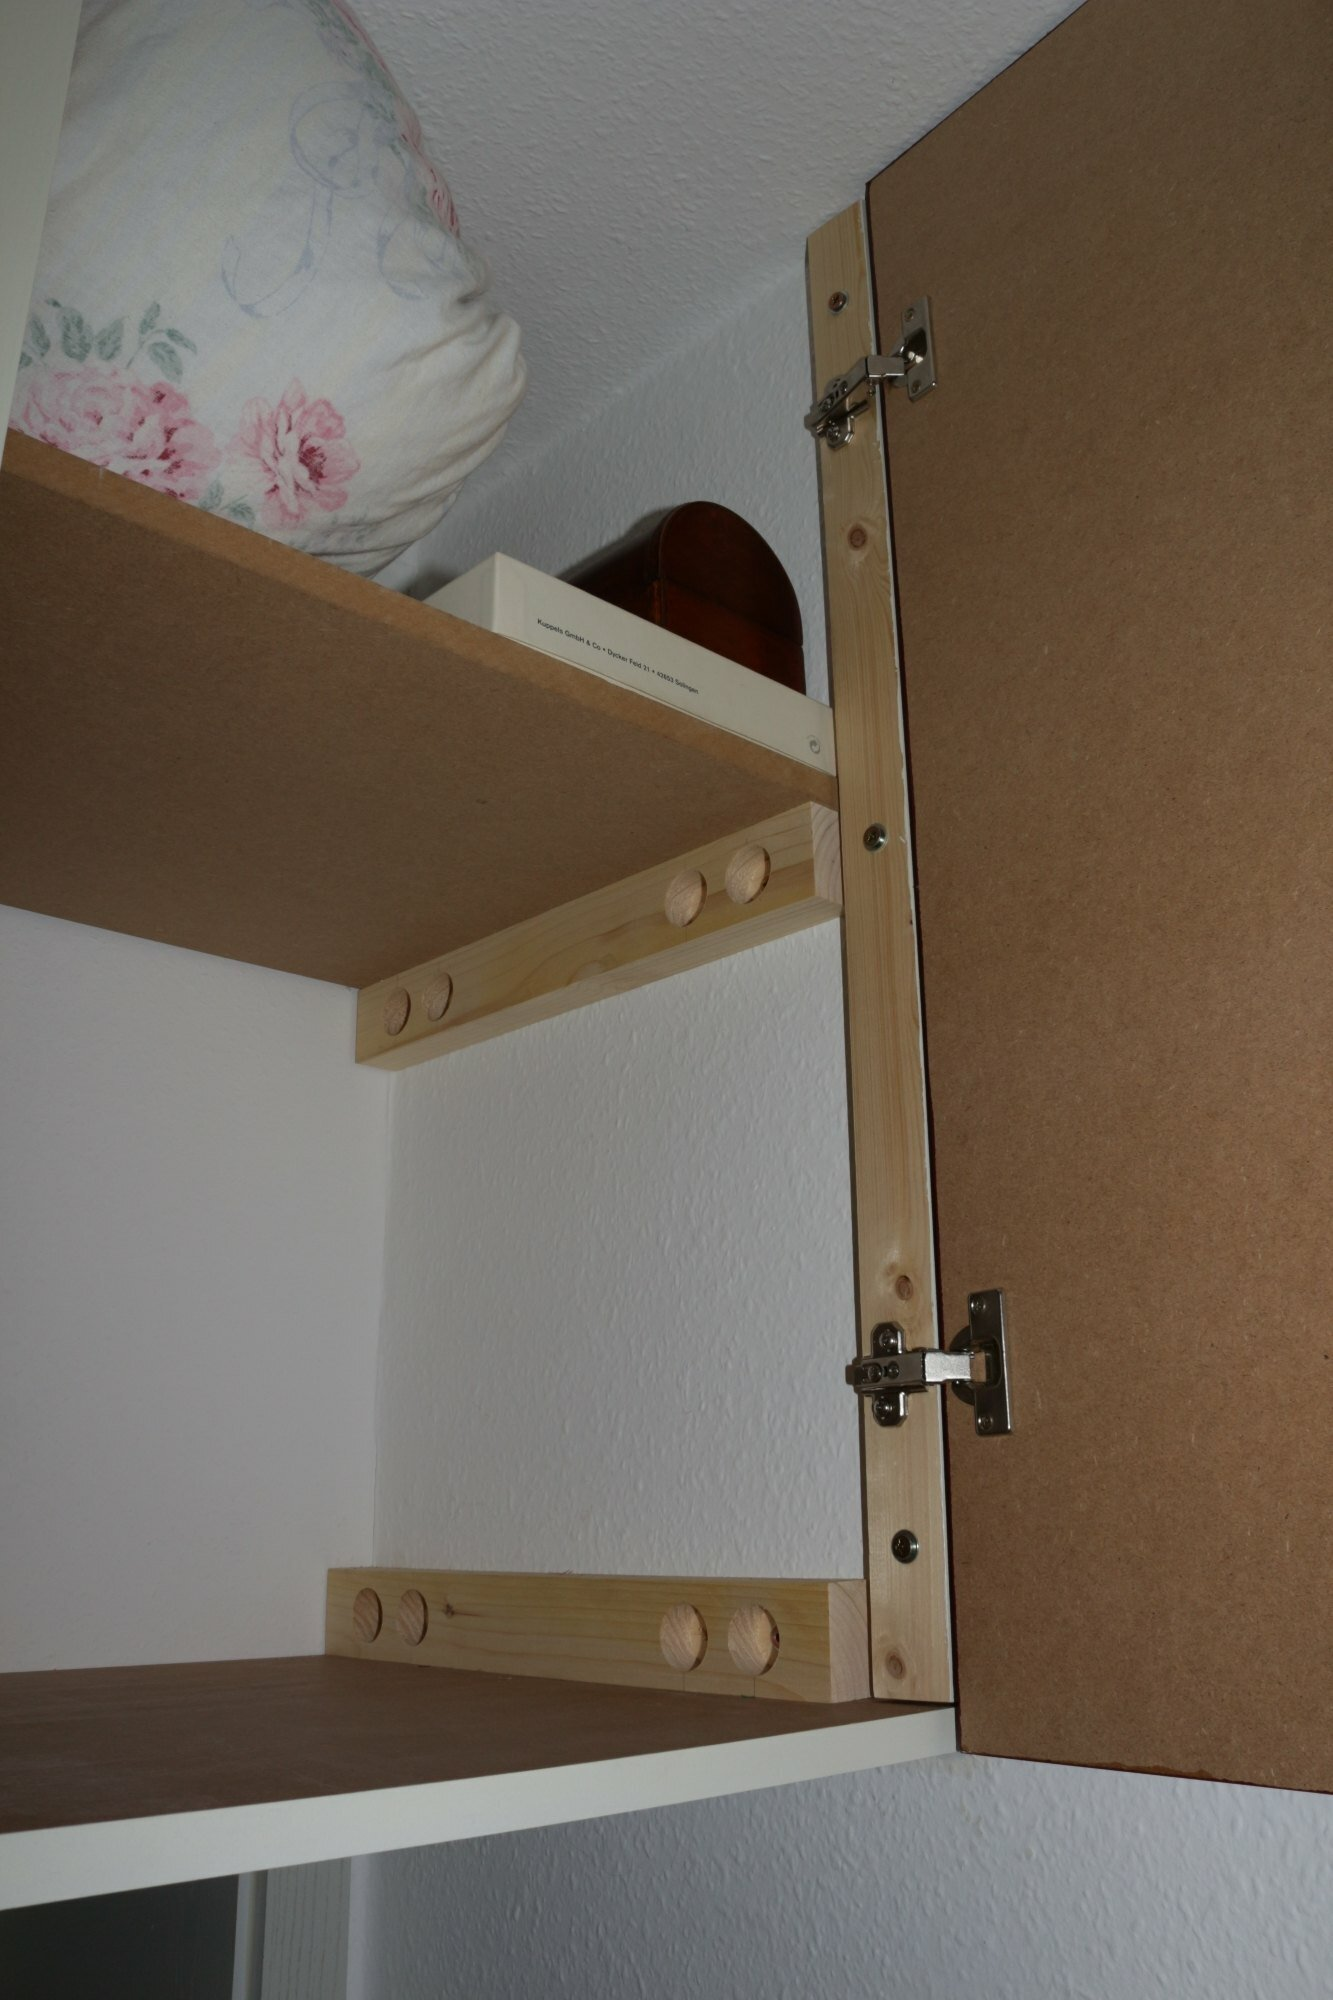 hoch hinaus oder wie baut man einen schrank mit nur 3 brettern eigenbaukombinat. Black Bedroom Furniture Sets. Home Design Ideas